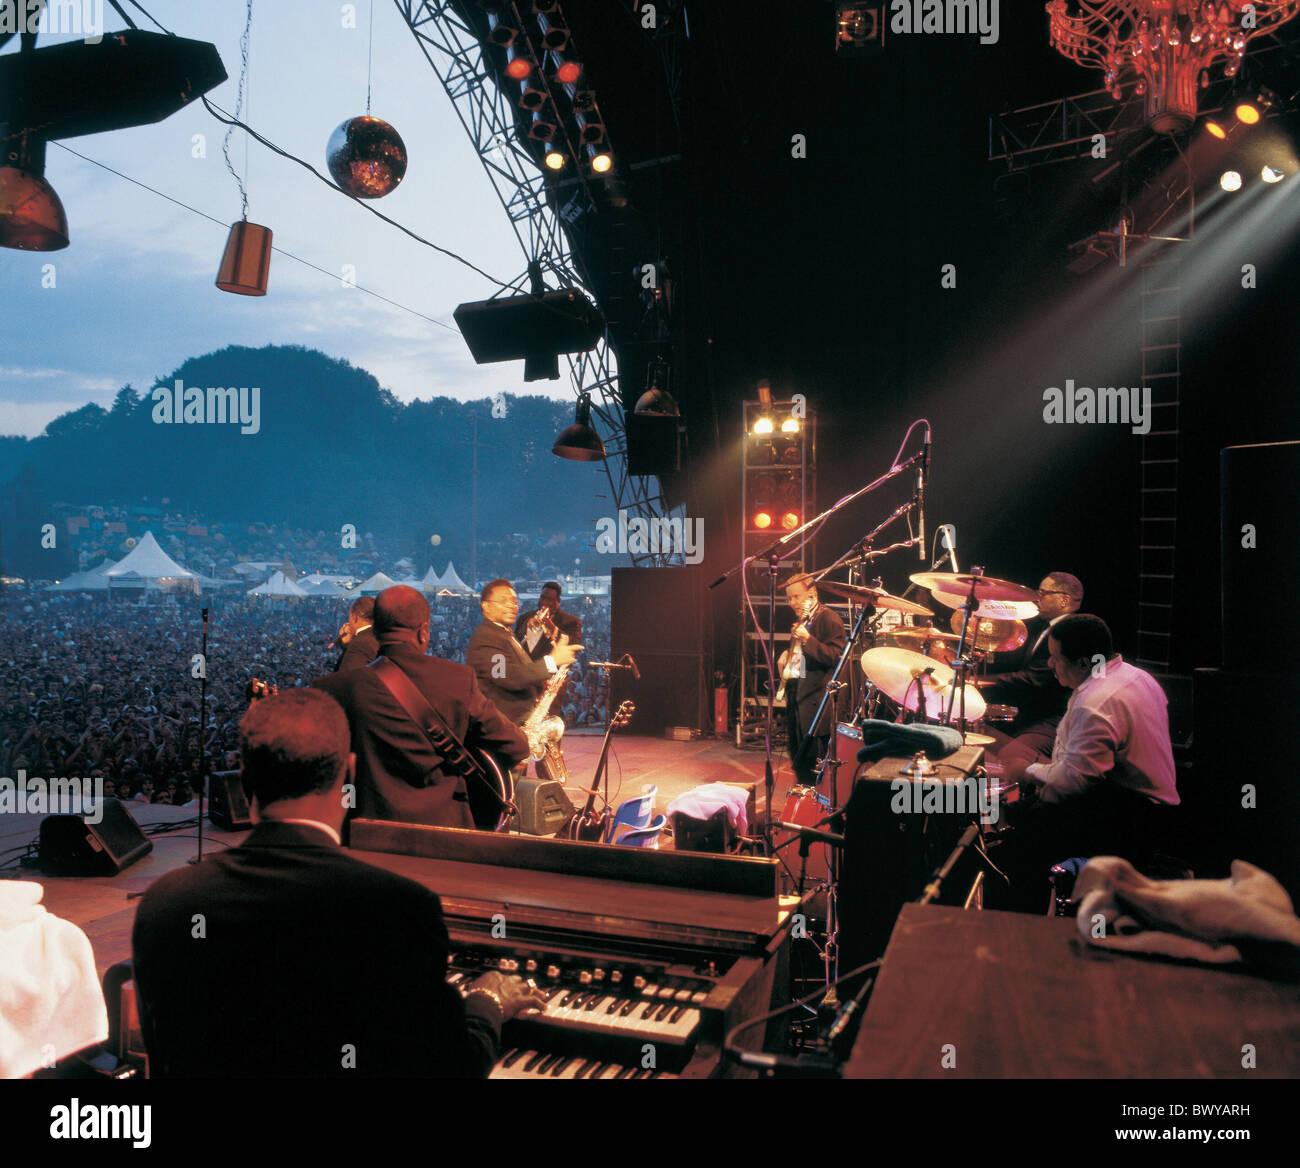 Disposizione concert festival musica nessun modello di rilascio Open Air di San Gallo aria aperta spettatori stadio Foto Stock